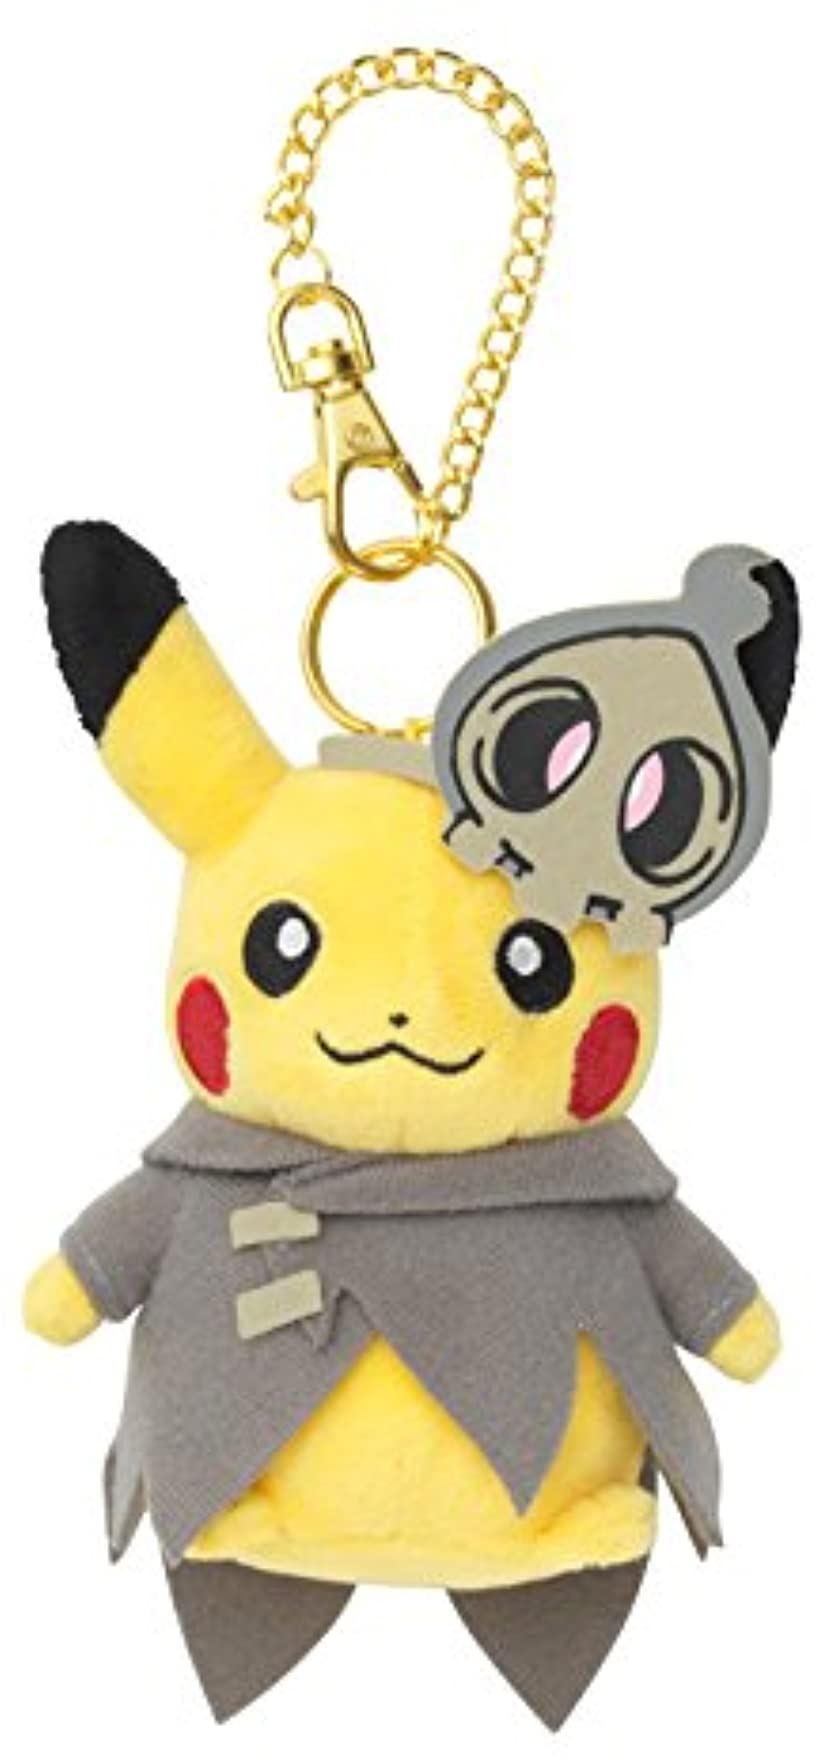 ポケモンセンターオリジナル ぬいぐるみマスコット 仮装ピカチュウ・ヨマワル Halloween Parade 2015 [ポケモン(Pokemon)]